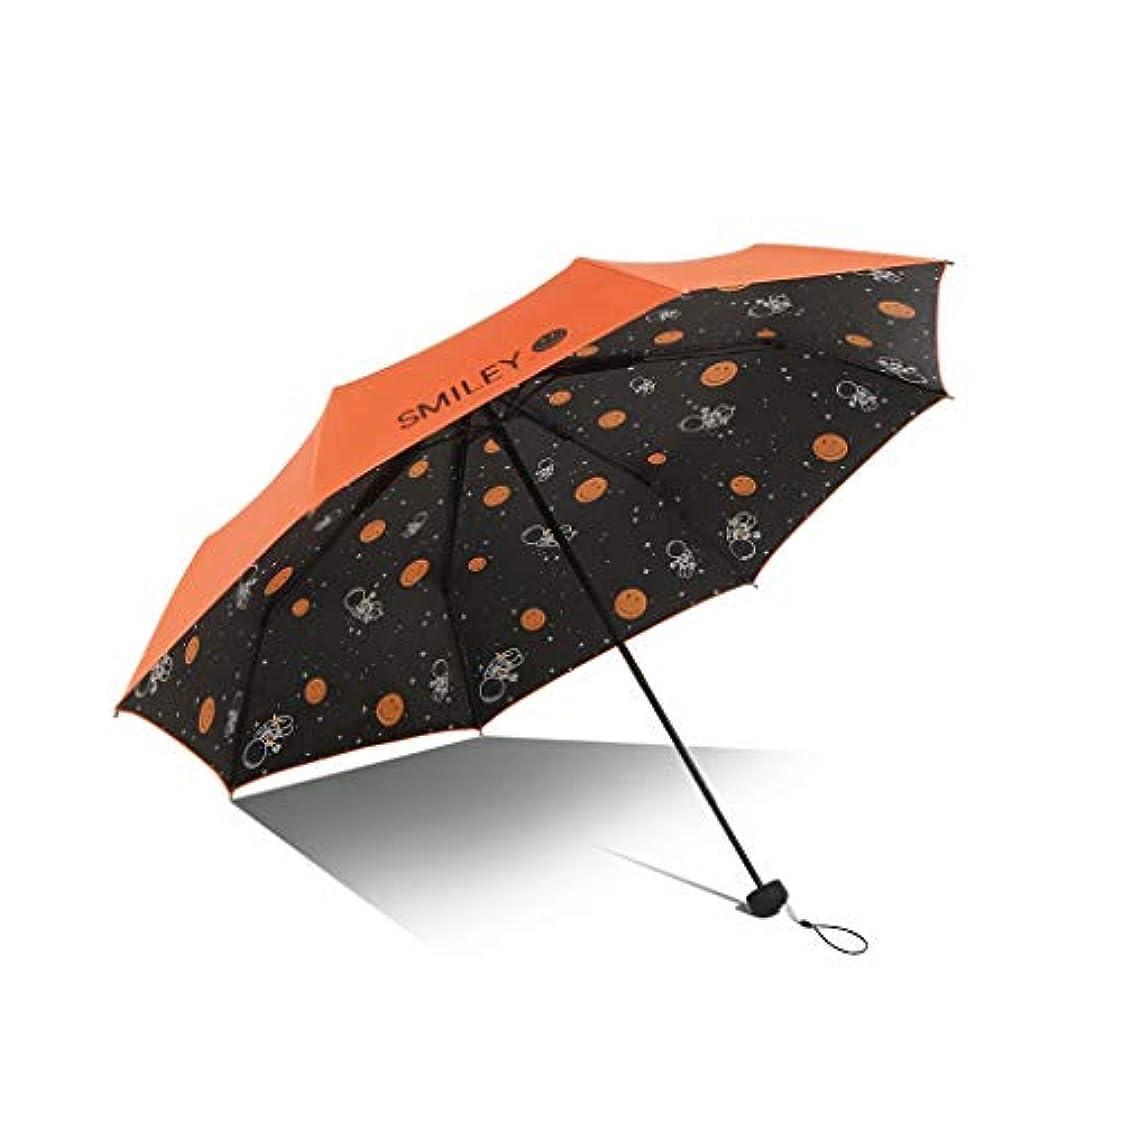 入力水平驚かすPy 傘日保護UV傘折りたたみデュアルユース日傘クリエイティブパーソナリティスウィートビューティー